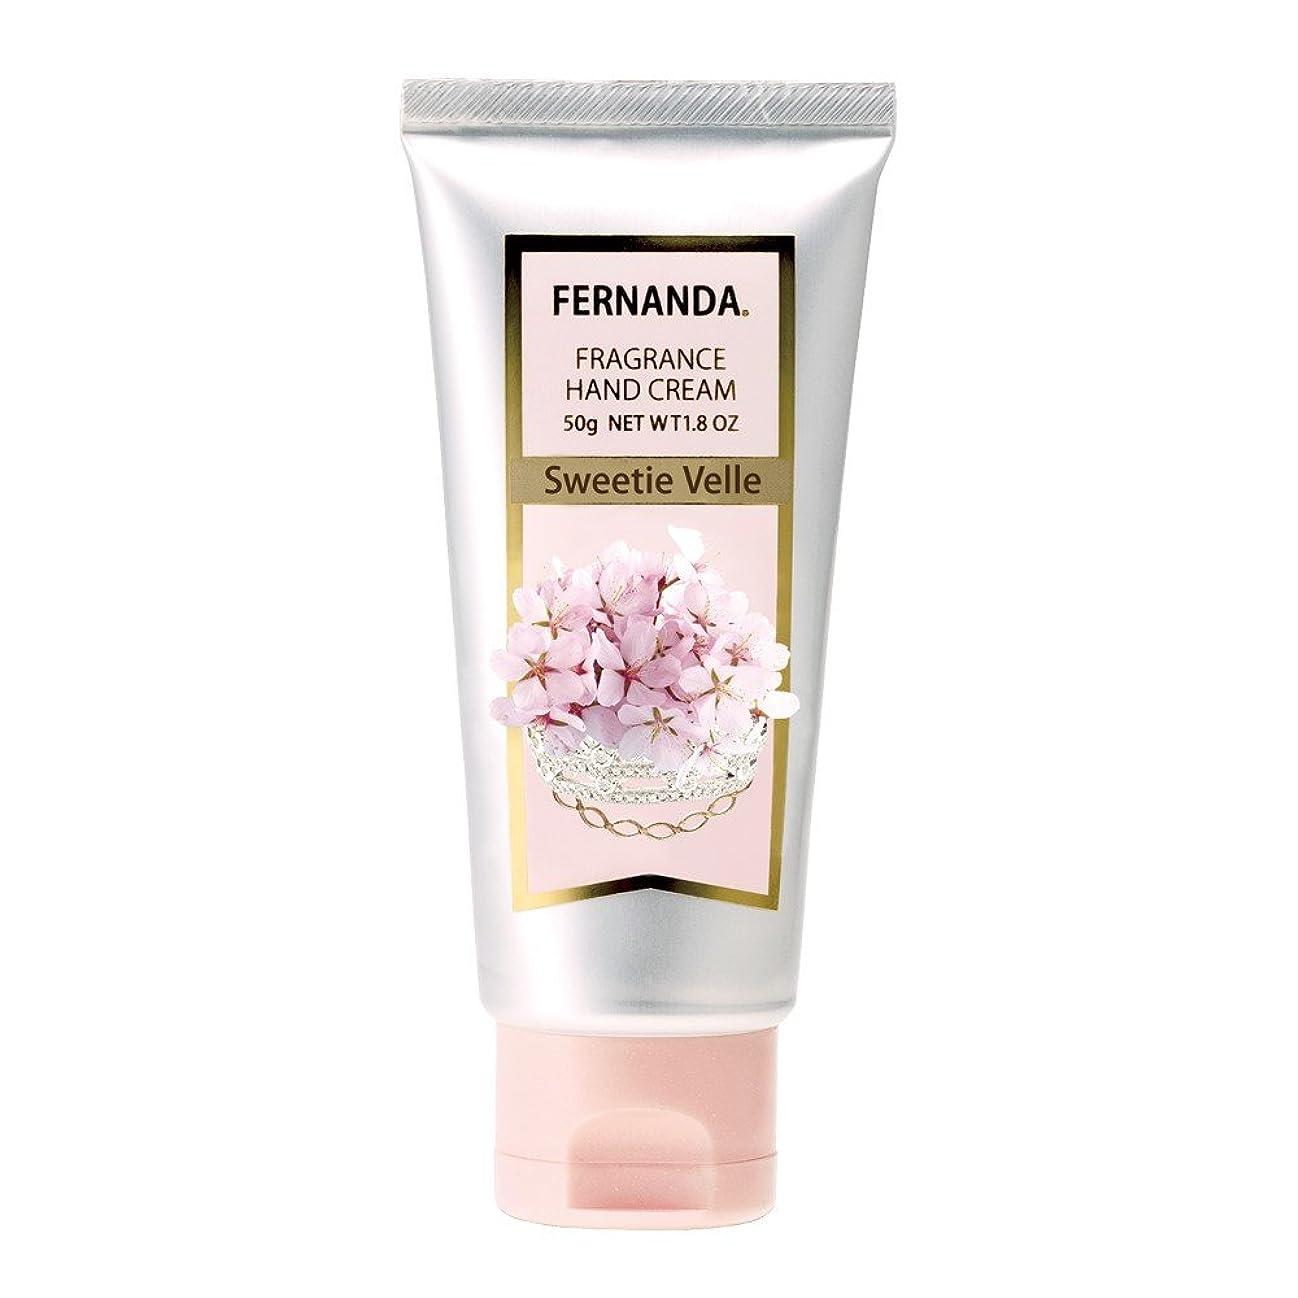 条件付き体現する救急車FERNANDA(フェルナンダ) Hand Cream Sweetie Velle(ハンドクリーム スウィティーベル)